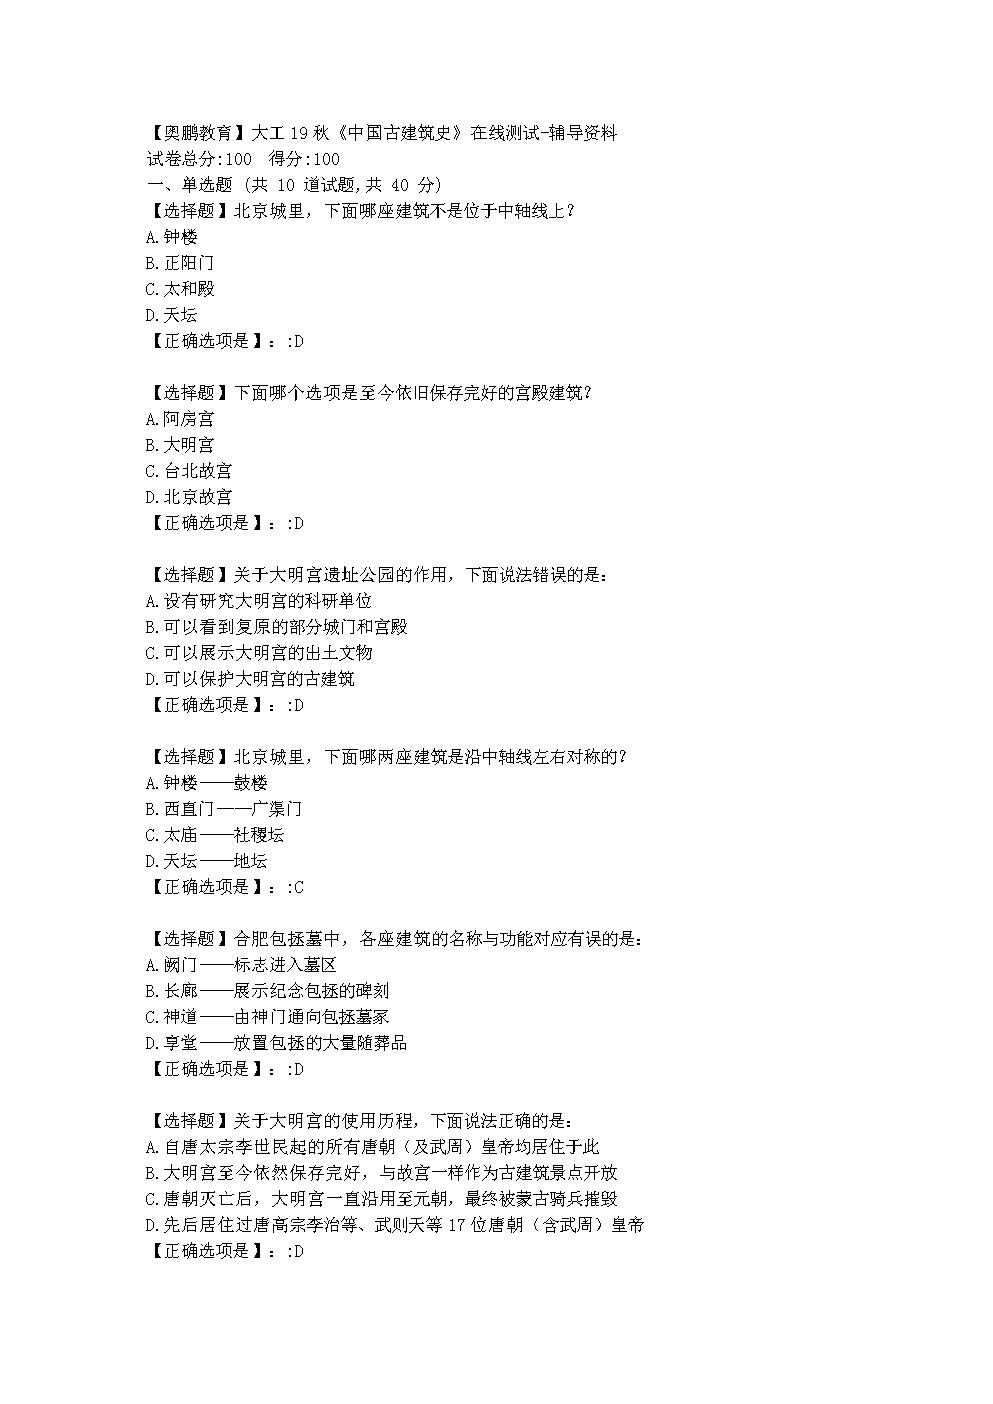 大连理工大学19秋《中国古建筑史》在线测试学习资料.doc